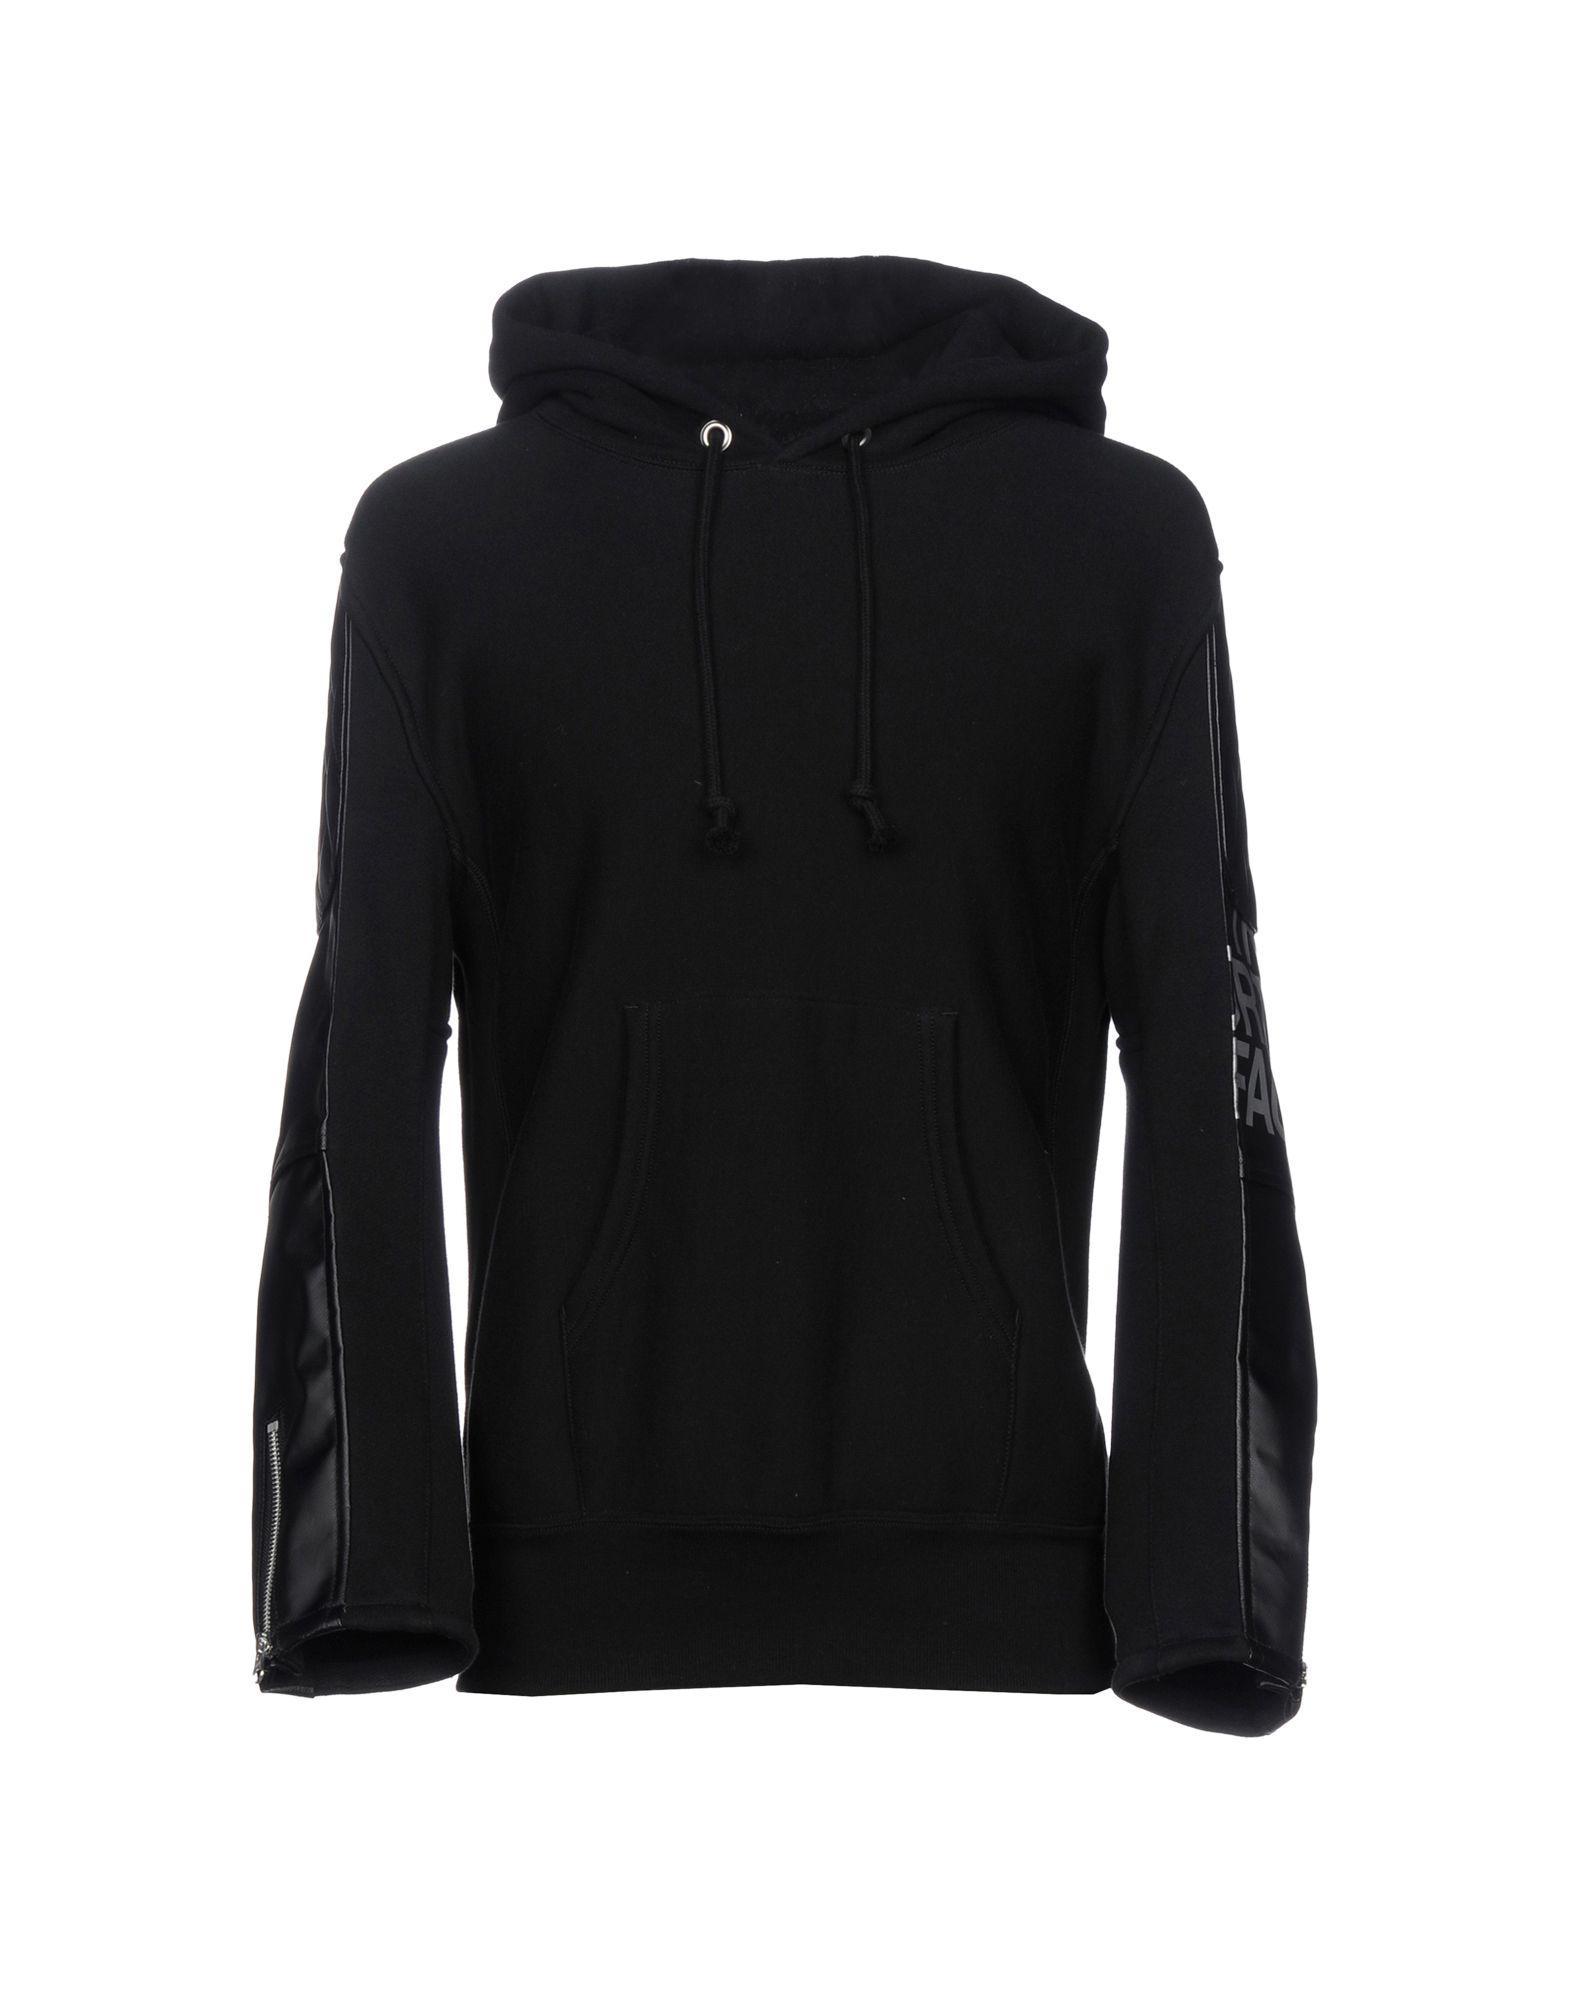 Junya Watanabe Hooded Sweatshirt In Black